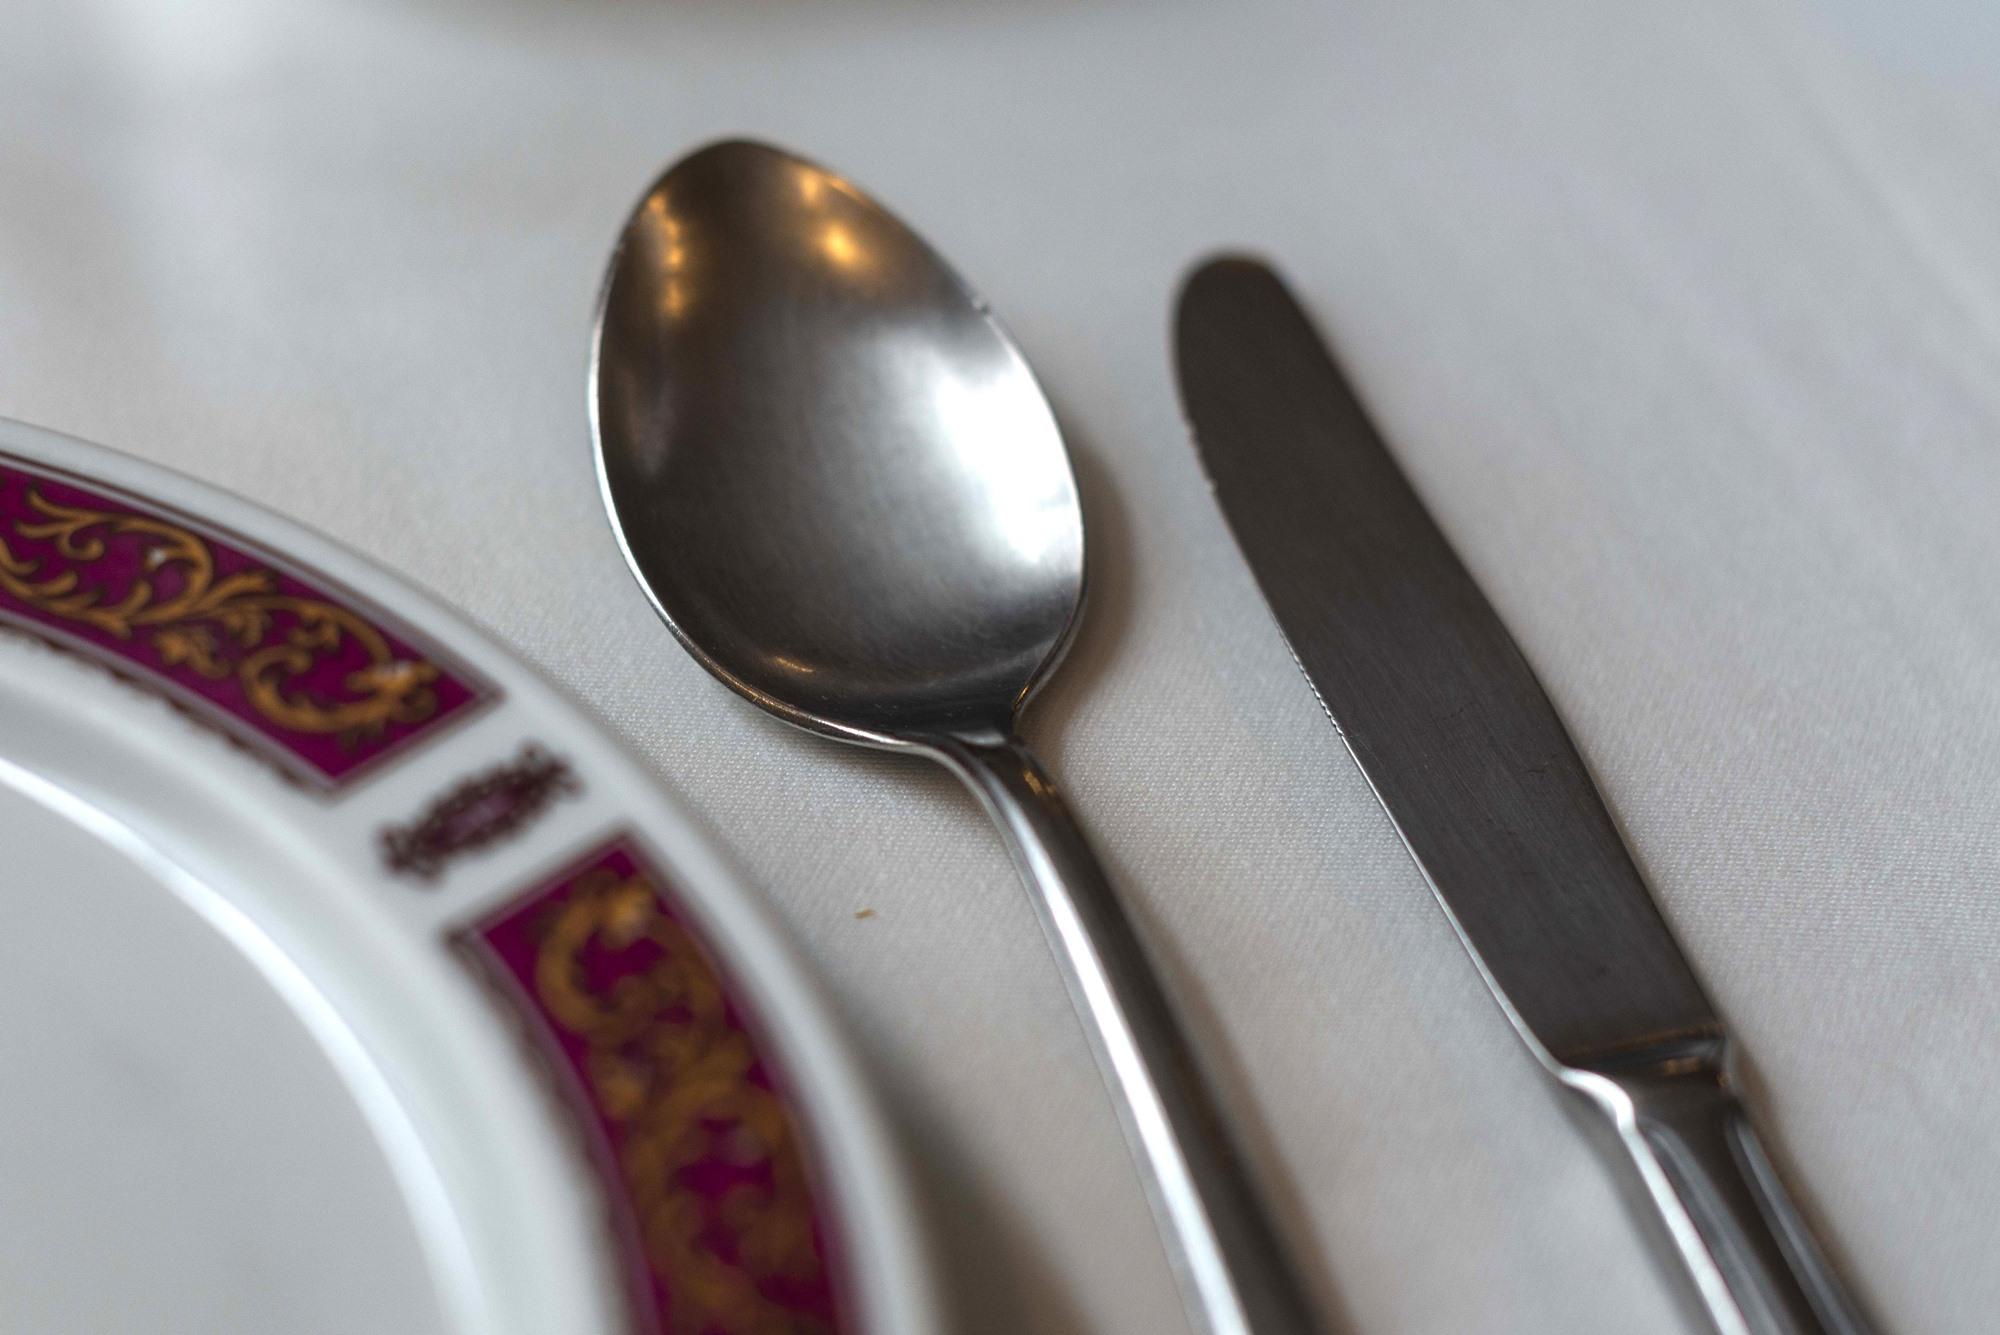 La cuchara por dentro del cuchillo, porque la sopa es lo último.